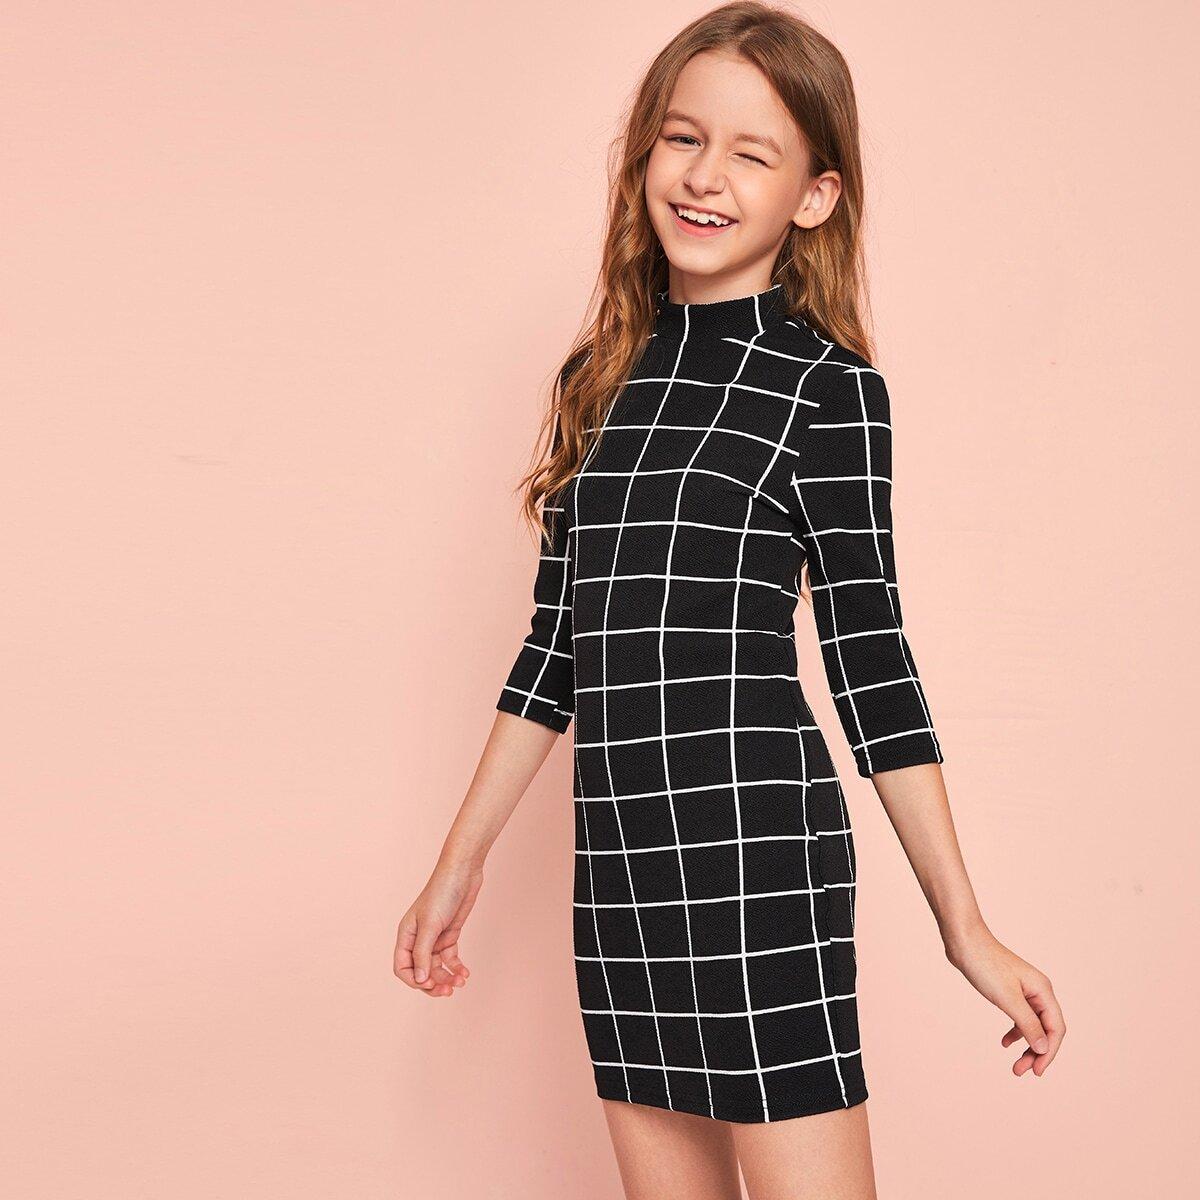 Облегающее платье в клетку с воротником-стойкой для девочек от SHEIN